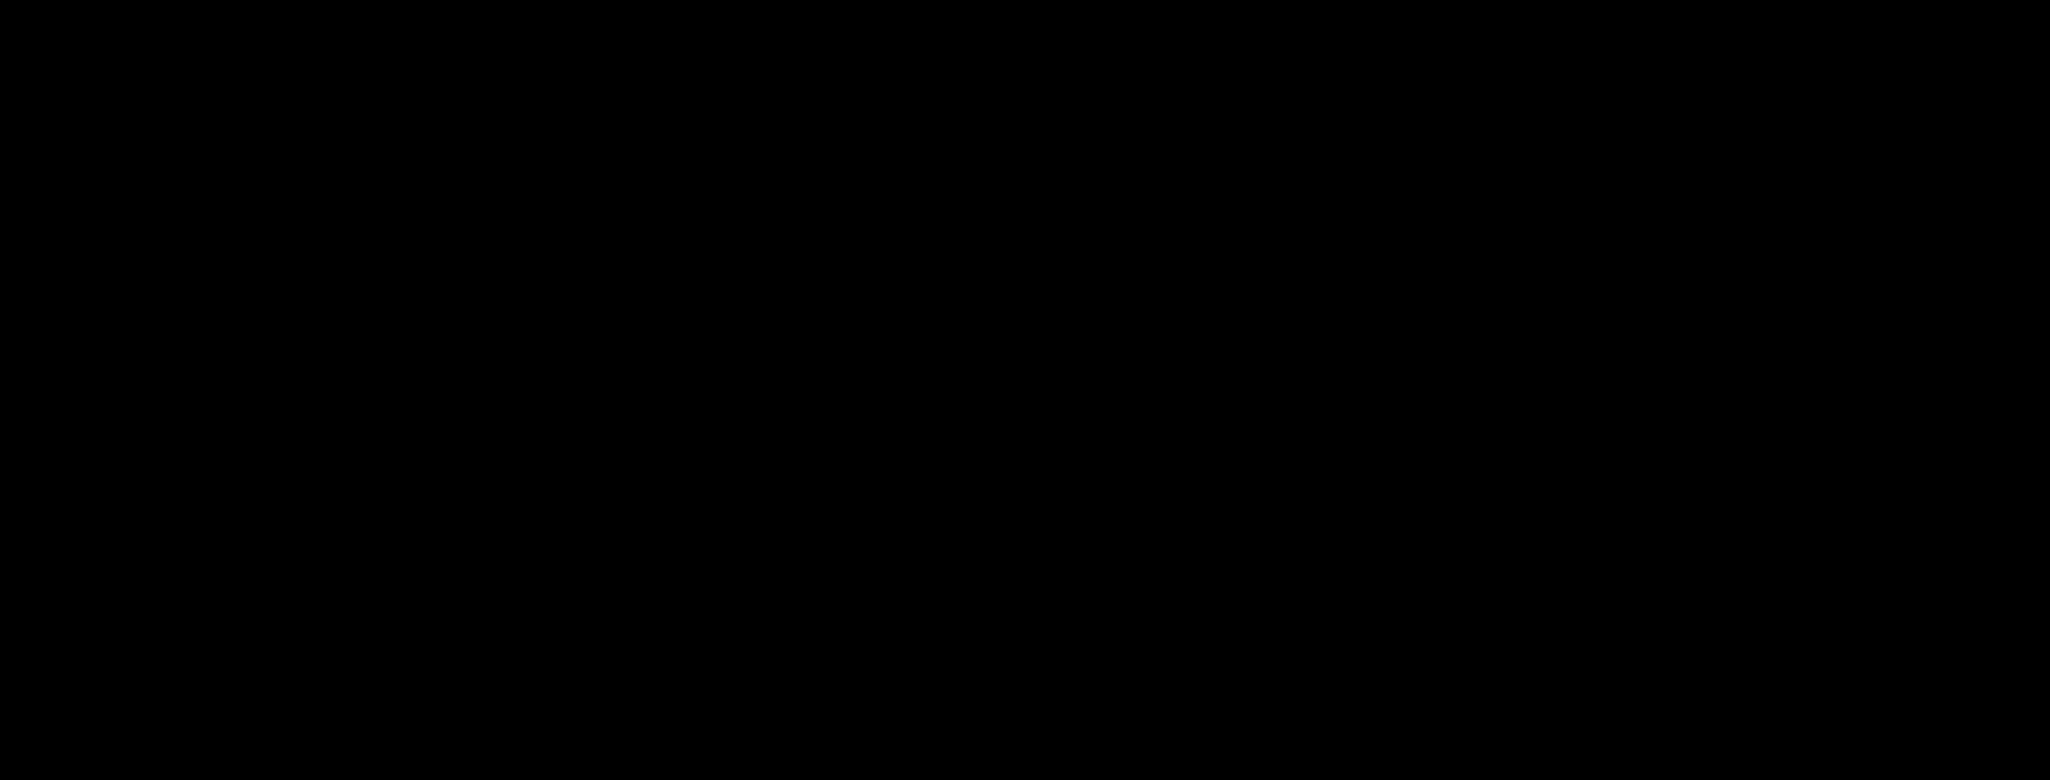 Fjársjóðsleit í haustfríi